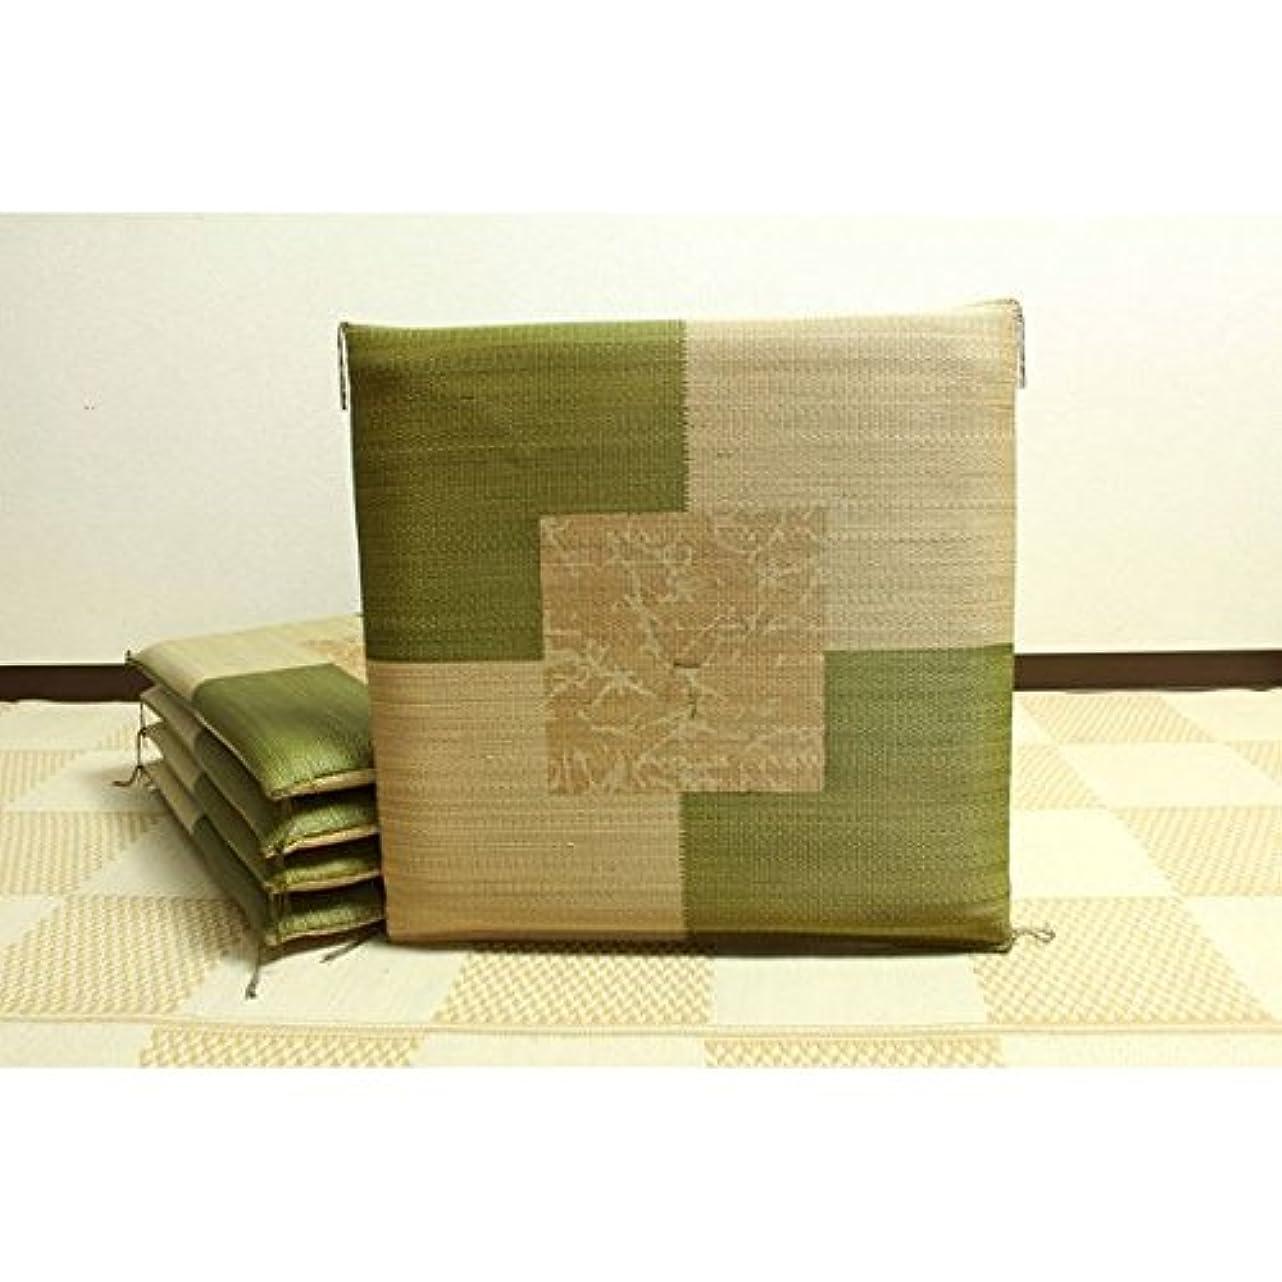 失われた生物学極小純国産/日本製 捺染返し い草座布団 『草美(くさび) 5枚組』 グリーン 約55×55cm×5P